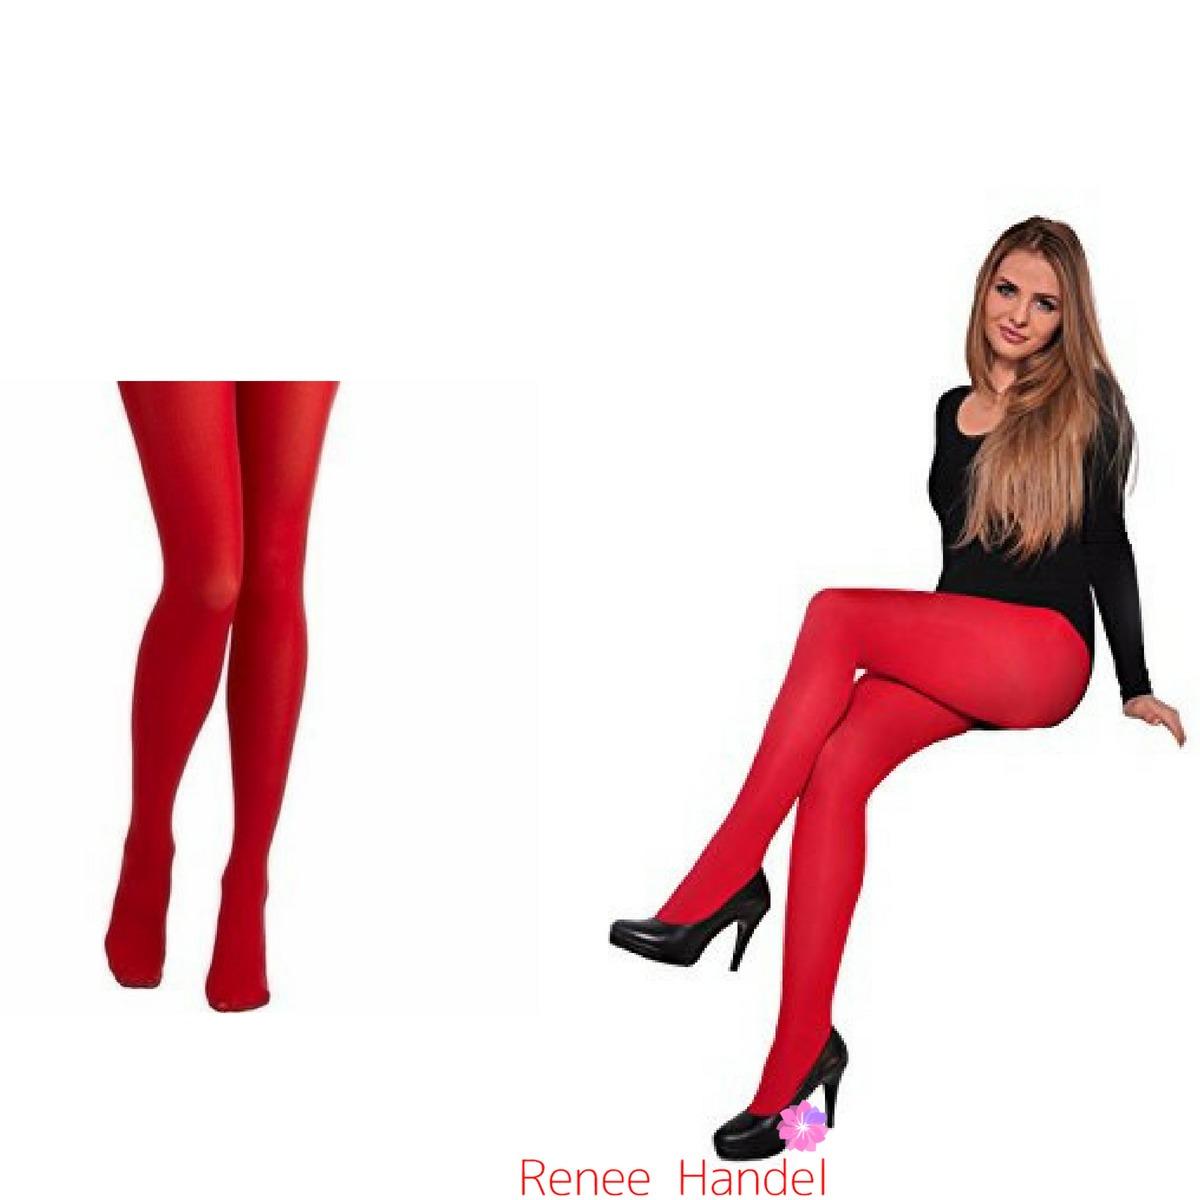 a2b7ced88 meia calça lupo fio 40 térmica vermelha design europeu off. Carregando zoom.